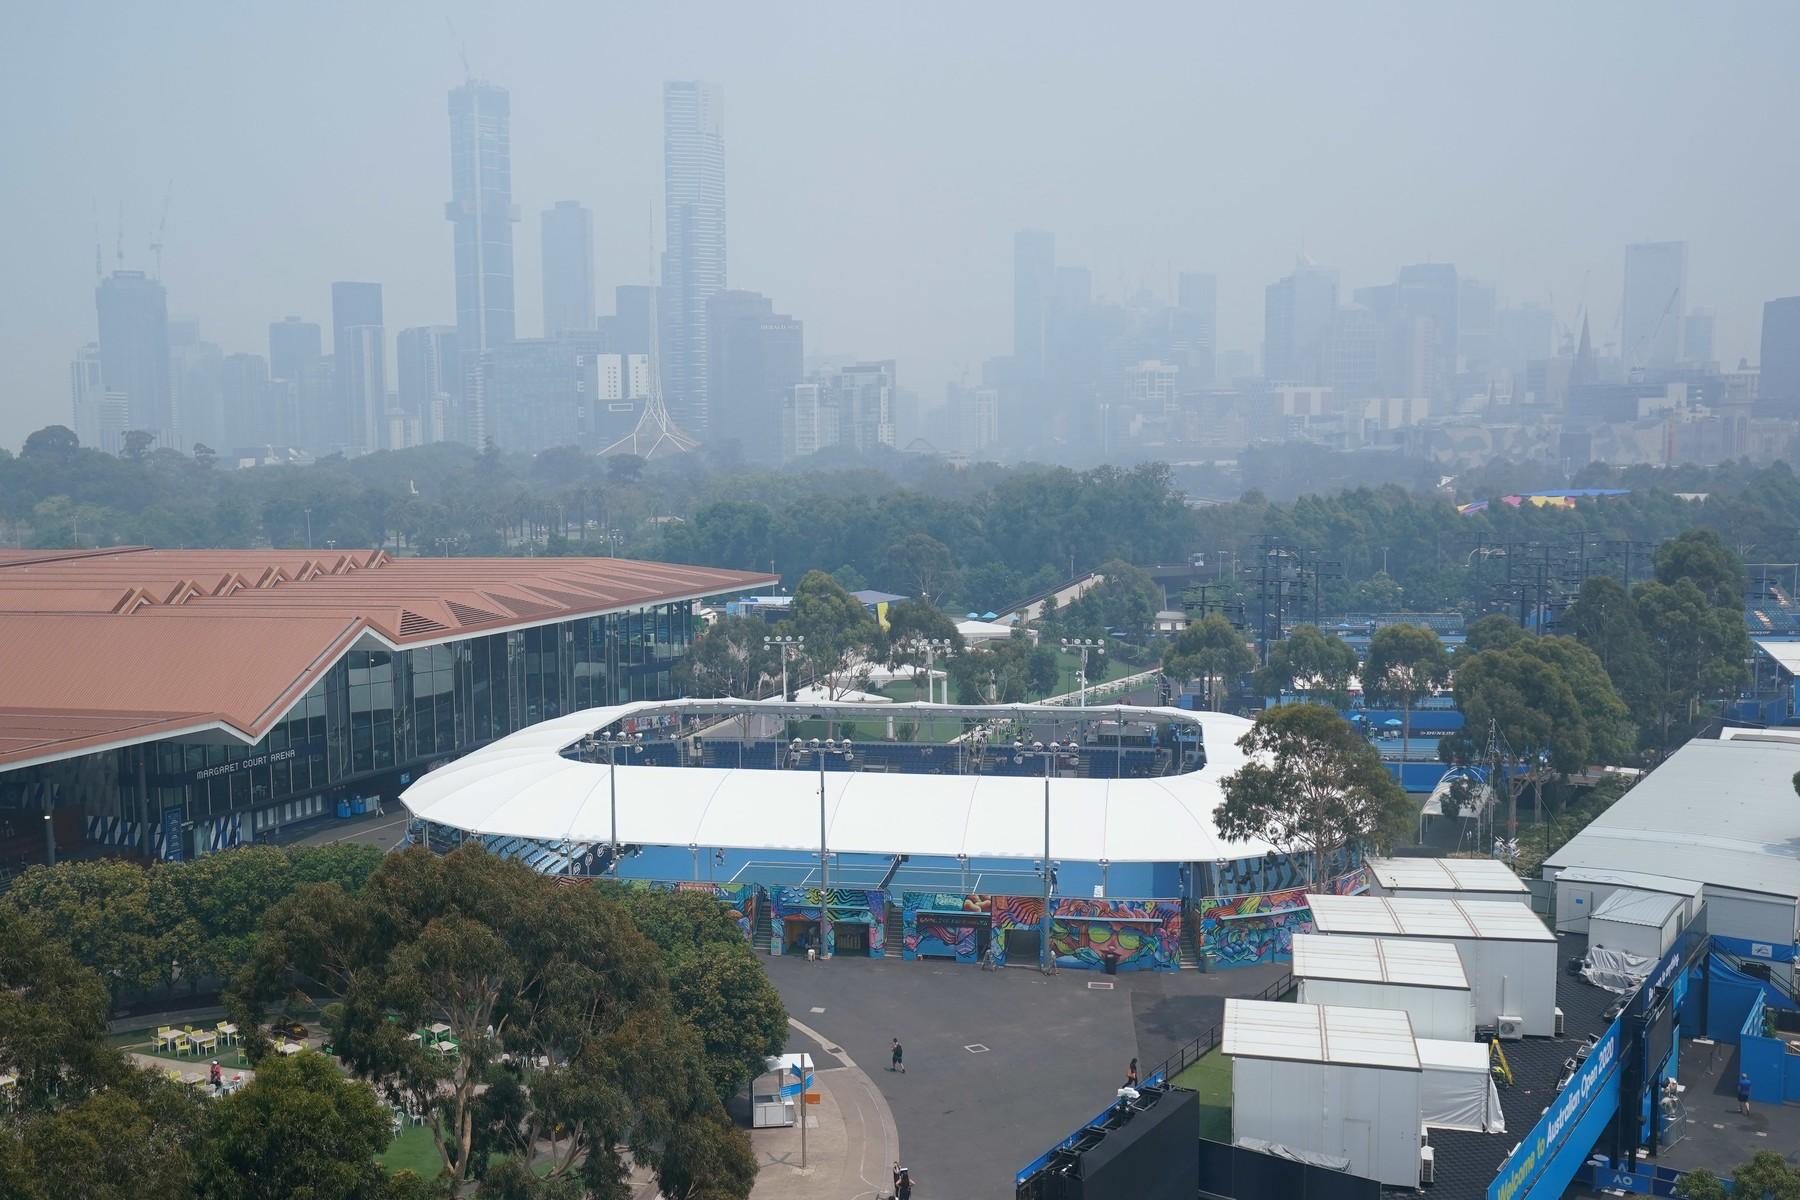 Přírodní katastrofa podstatně zhoršila kvalitu ovzduší, která je nyní tématem číslo jedna také v tenisovém světě.